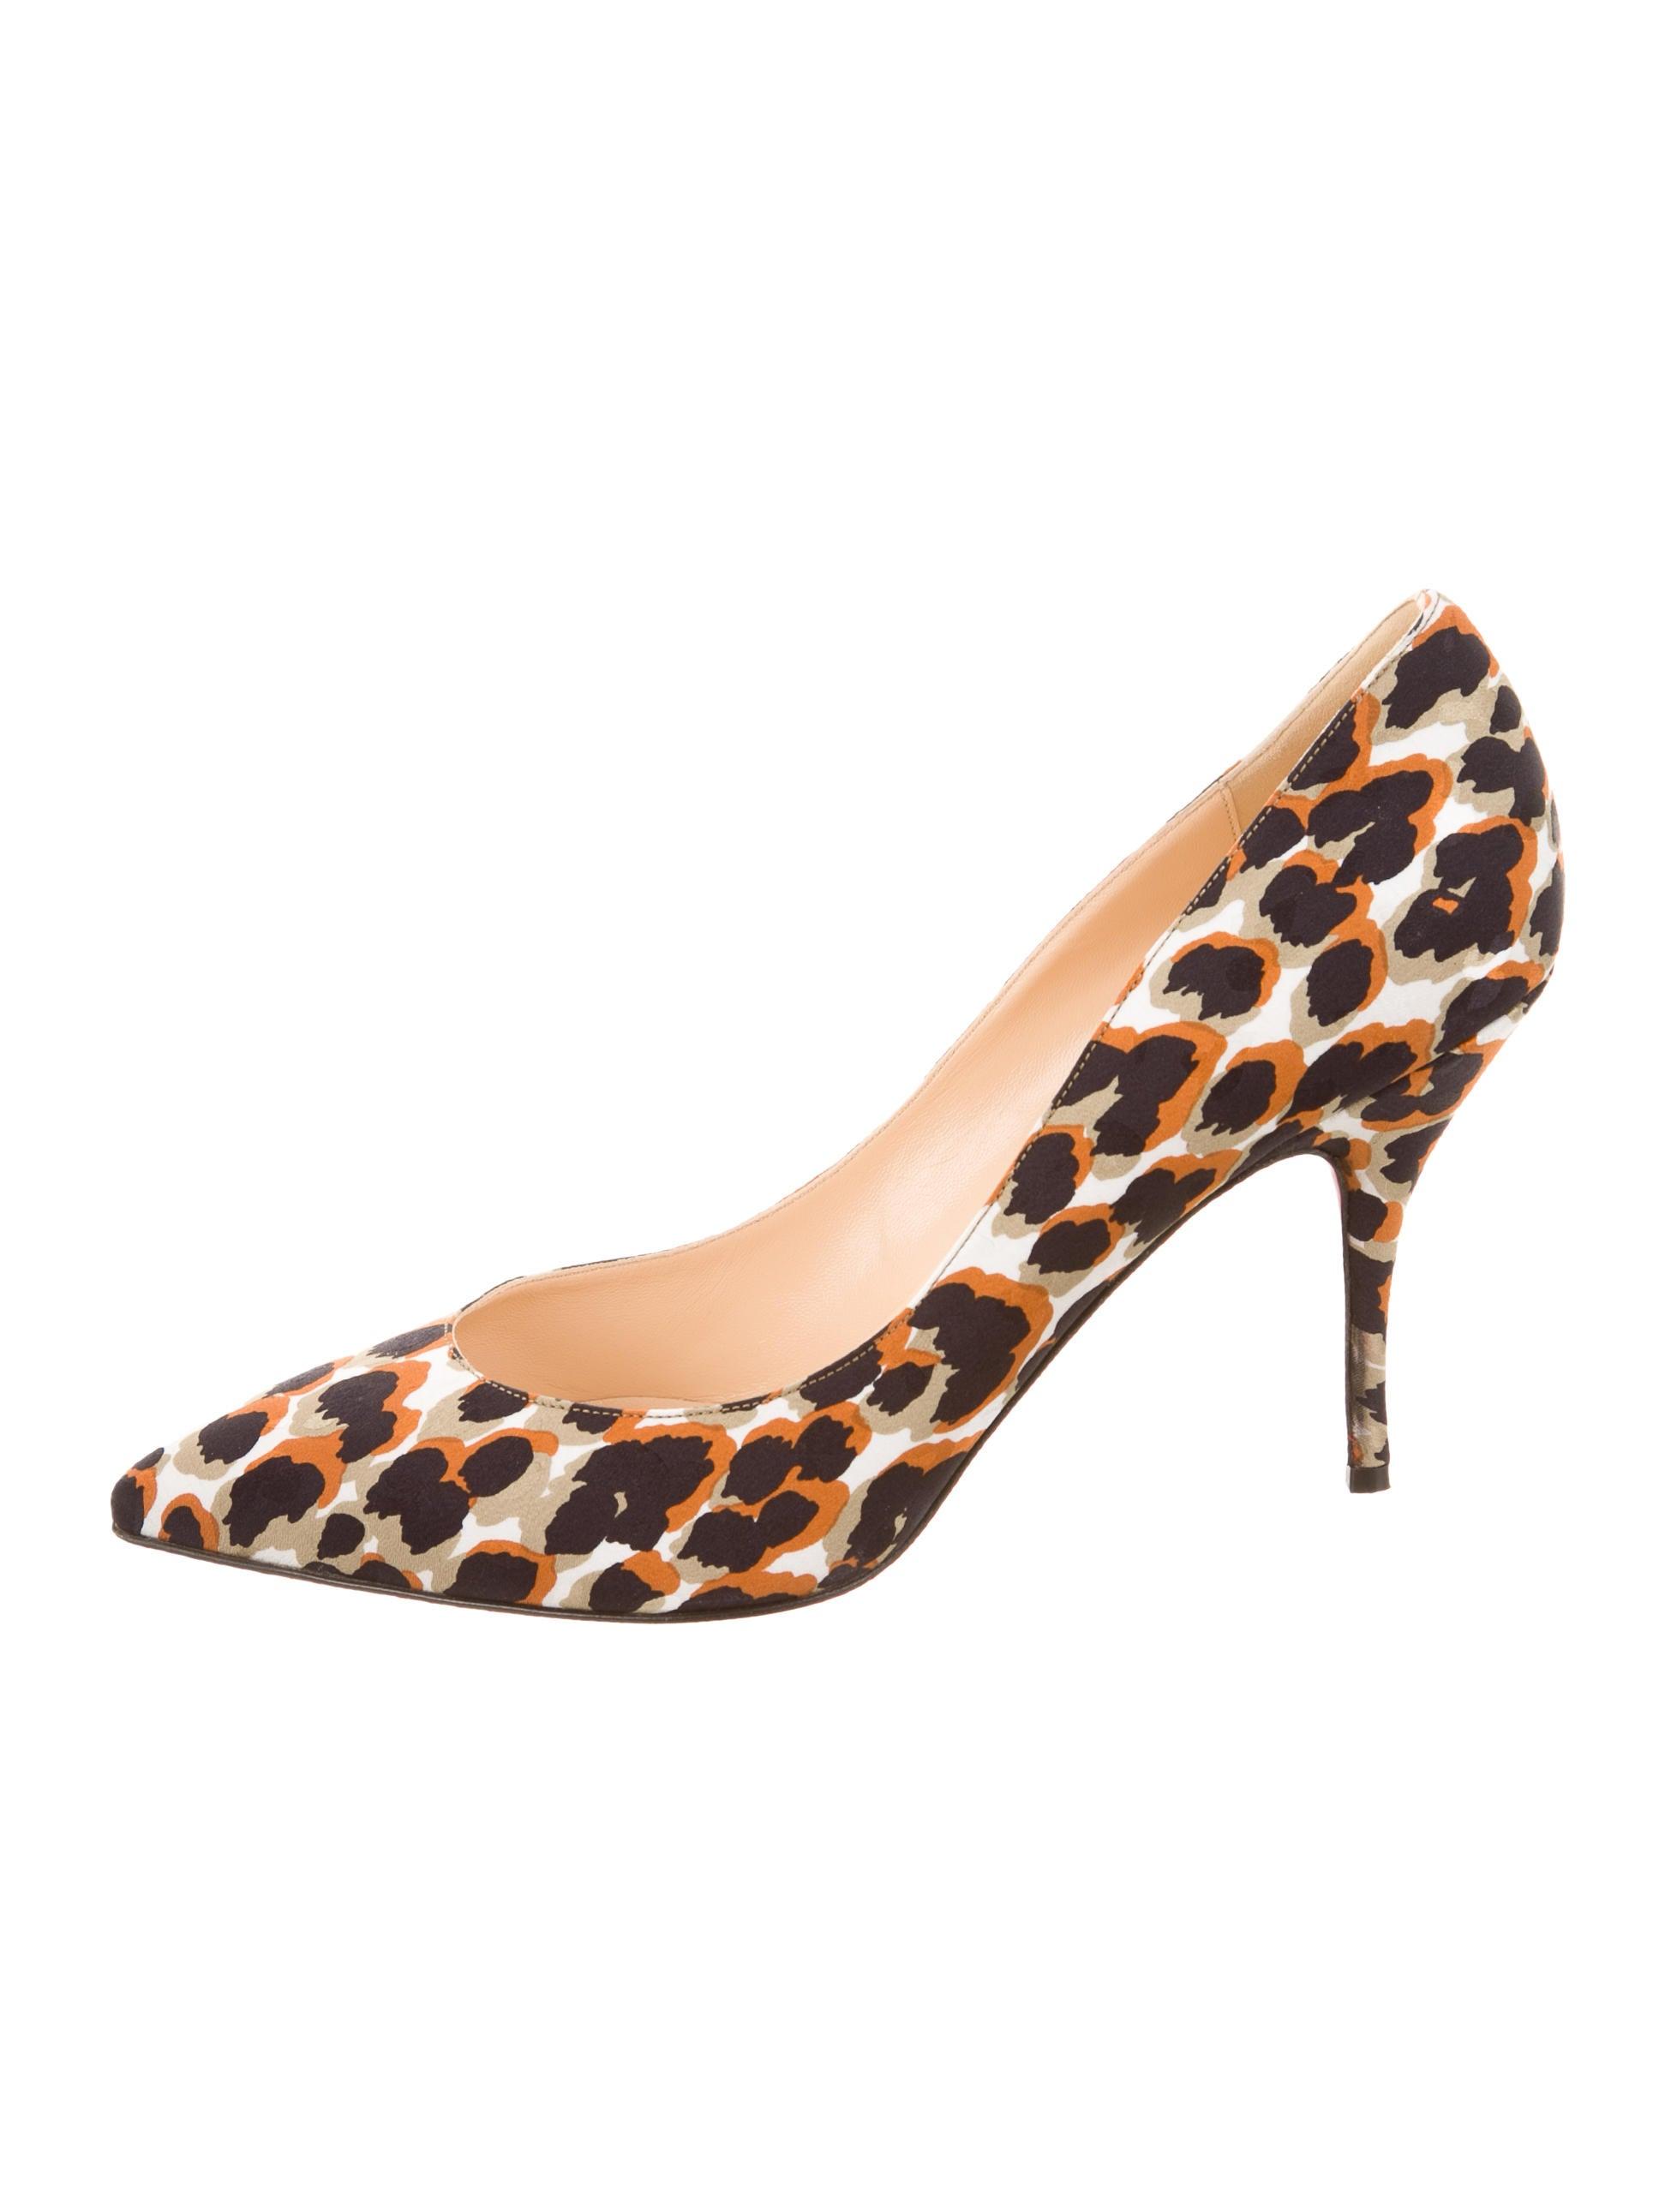 12e7fc8561a7 Christian Louboutin Piou Piou 85 Pumps - Shoes - CHT68812